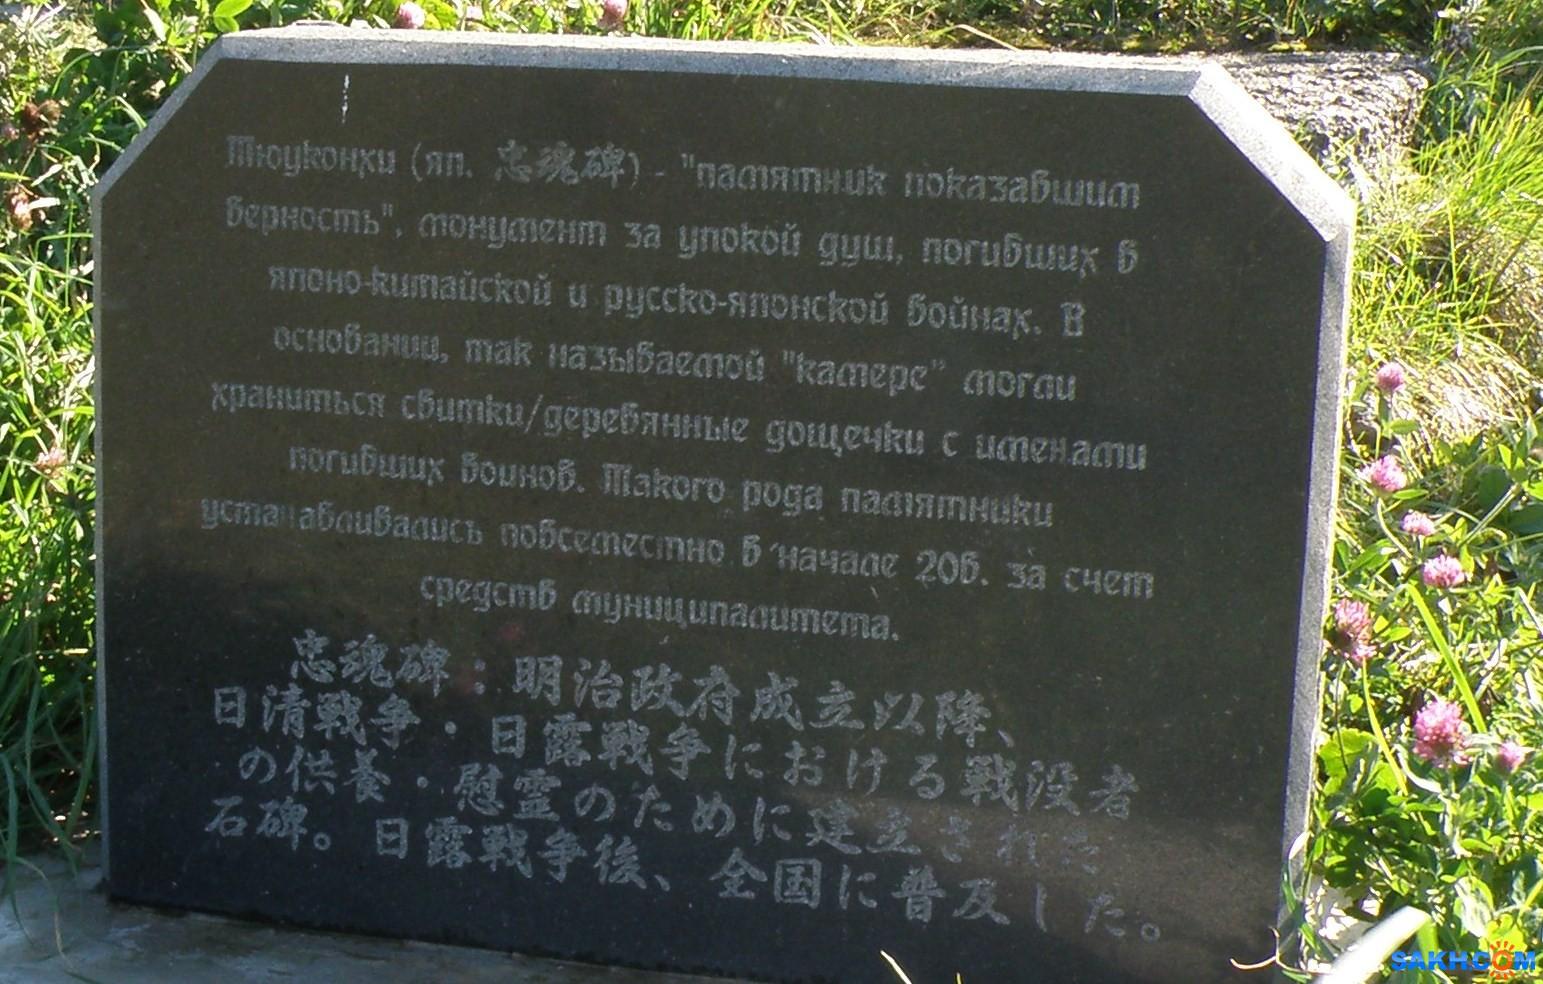 """tasya: Памятная табличка к Тюуконхи - """"памятник показавшим верность"""""""